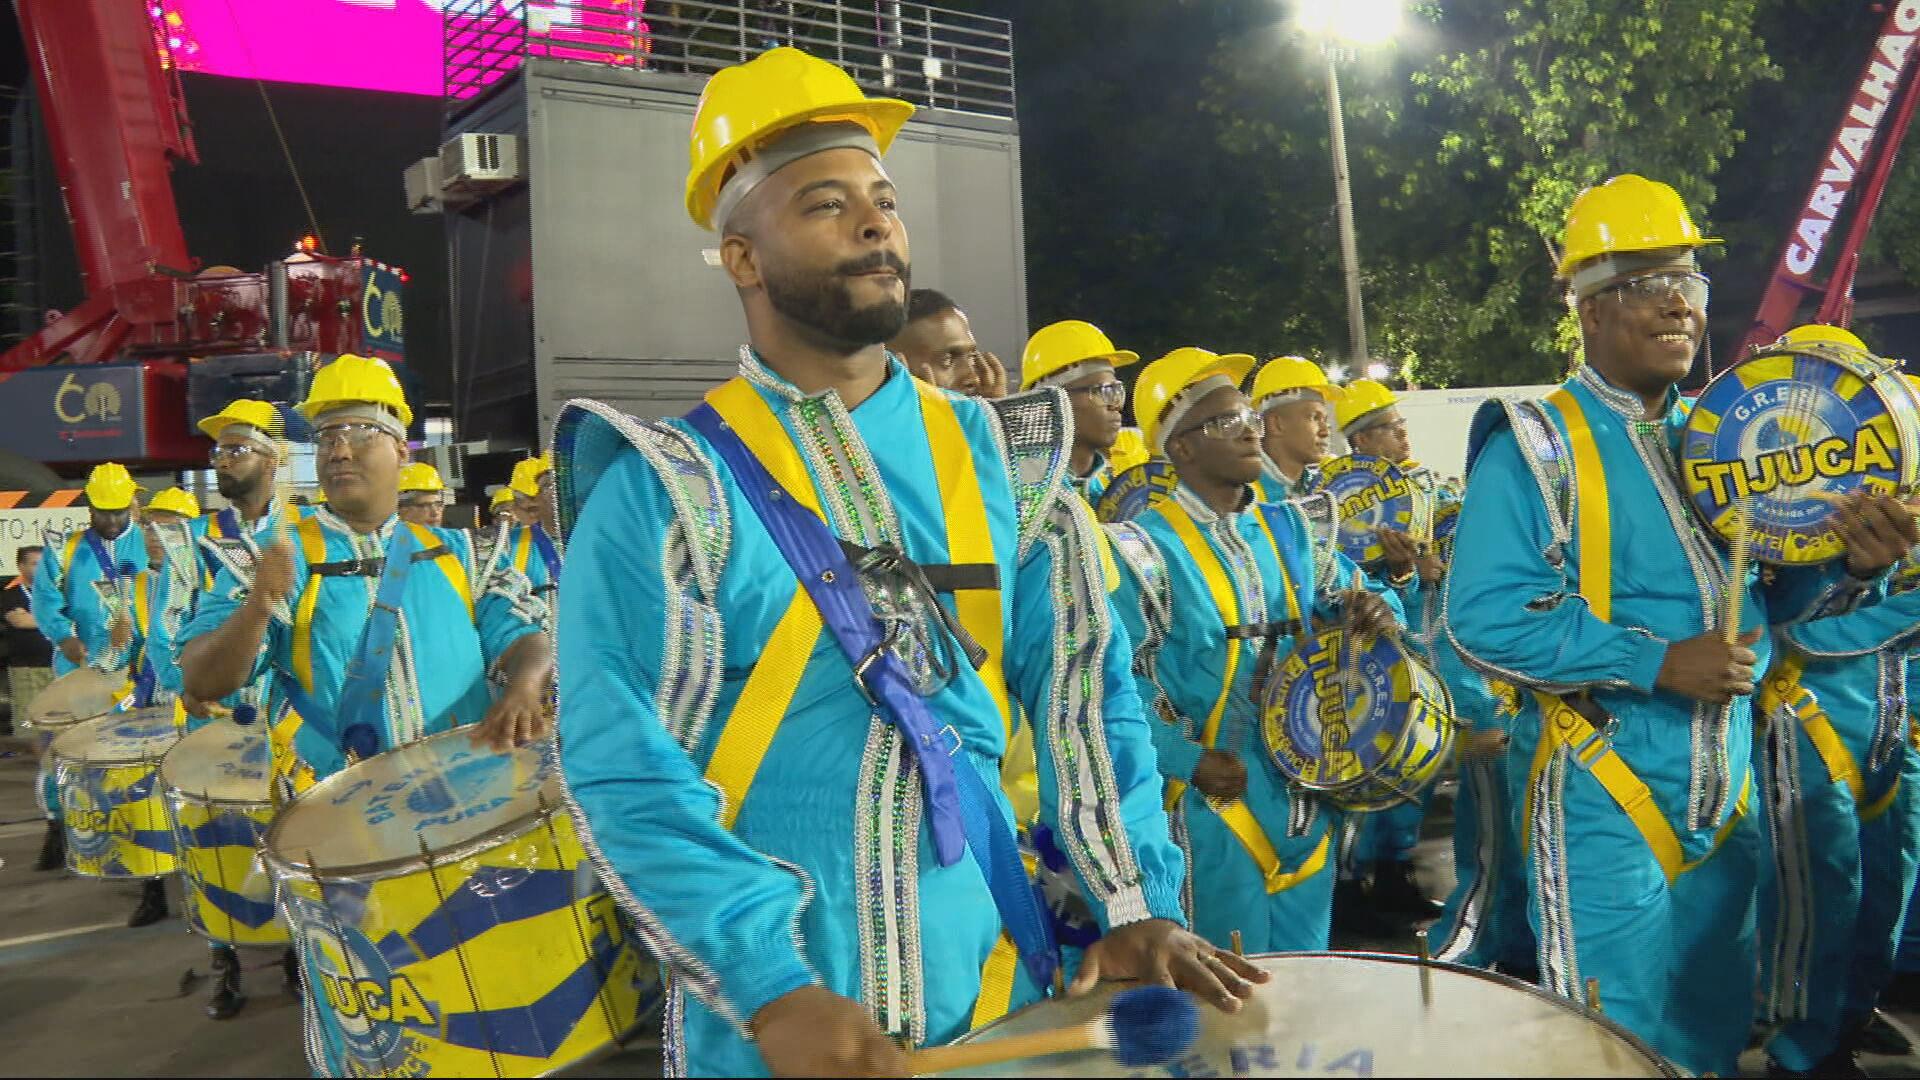 Escola de samba em desfile de Carnaval no Rio